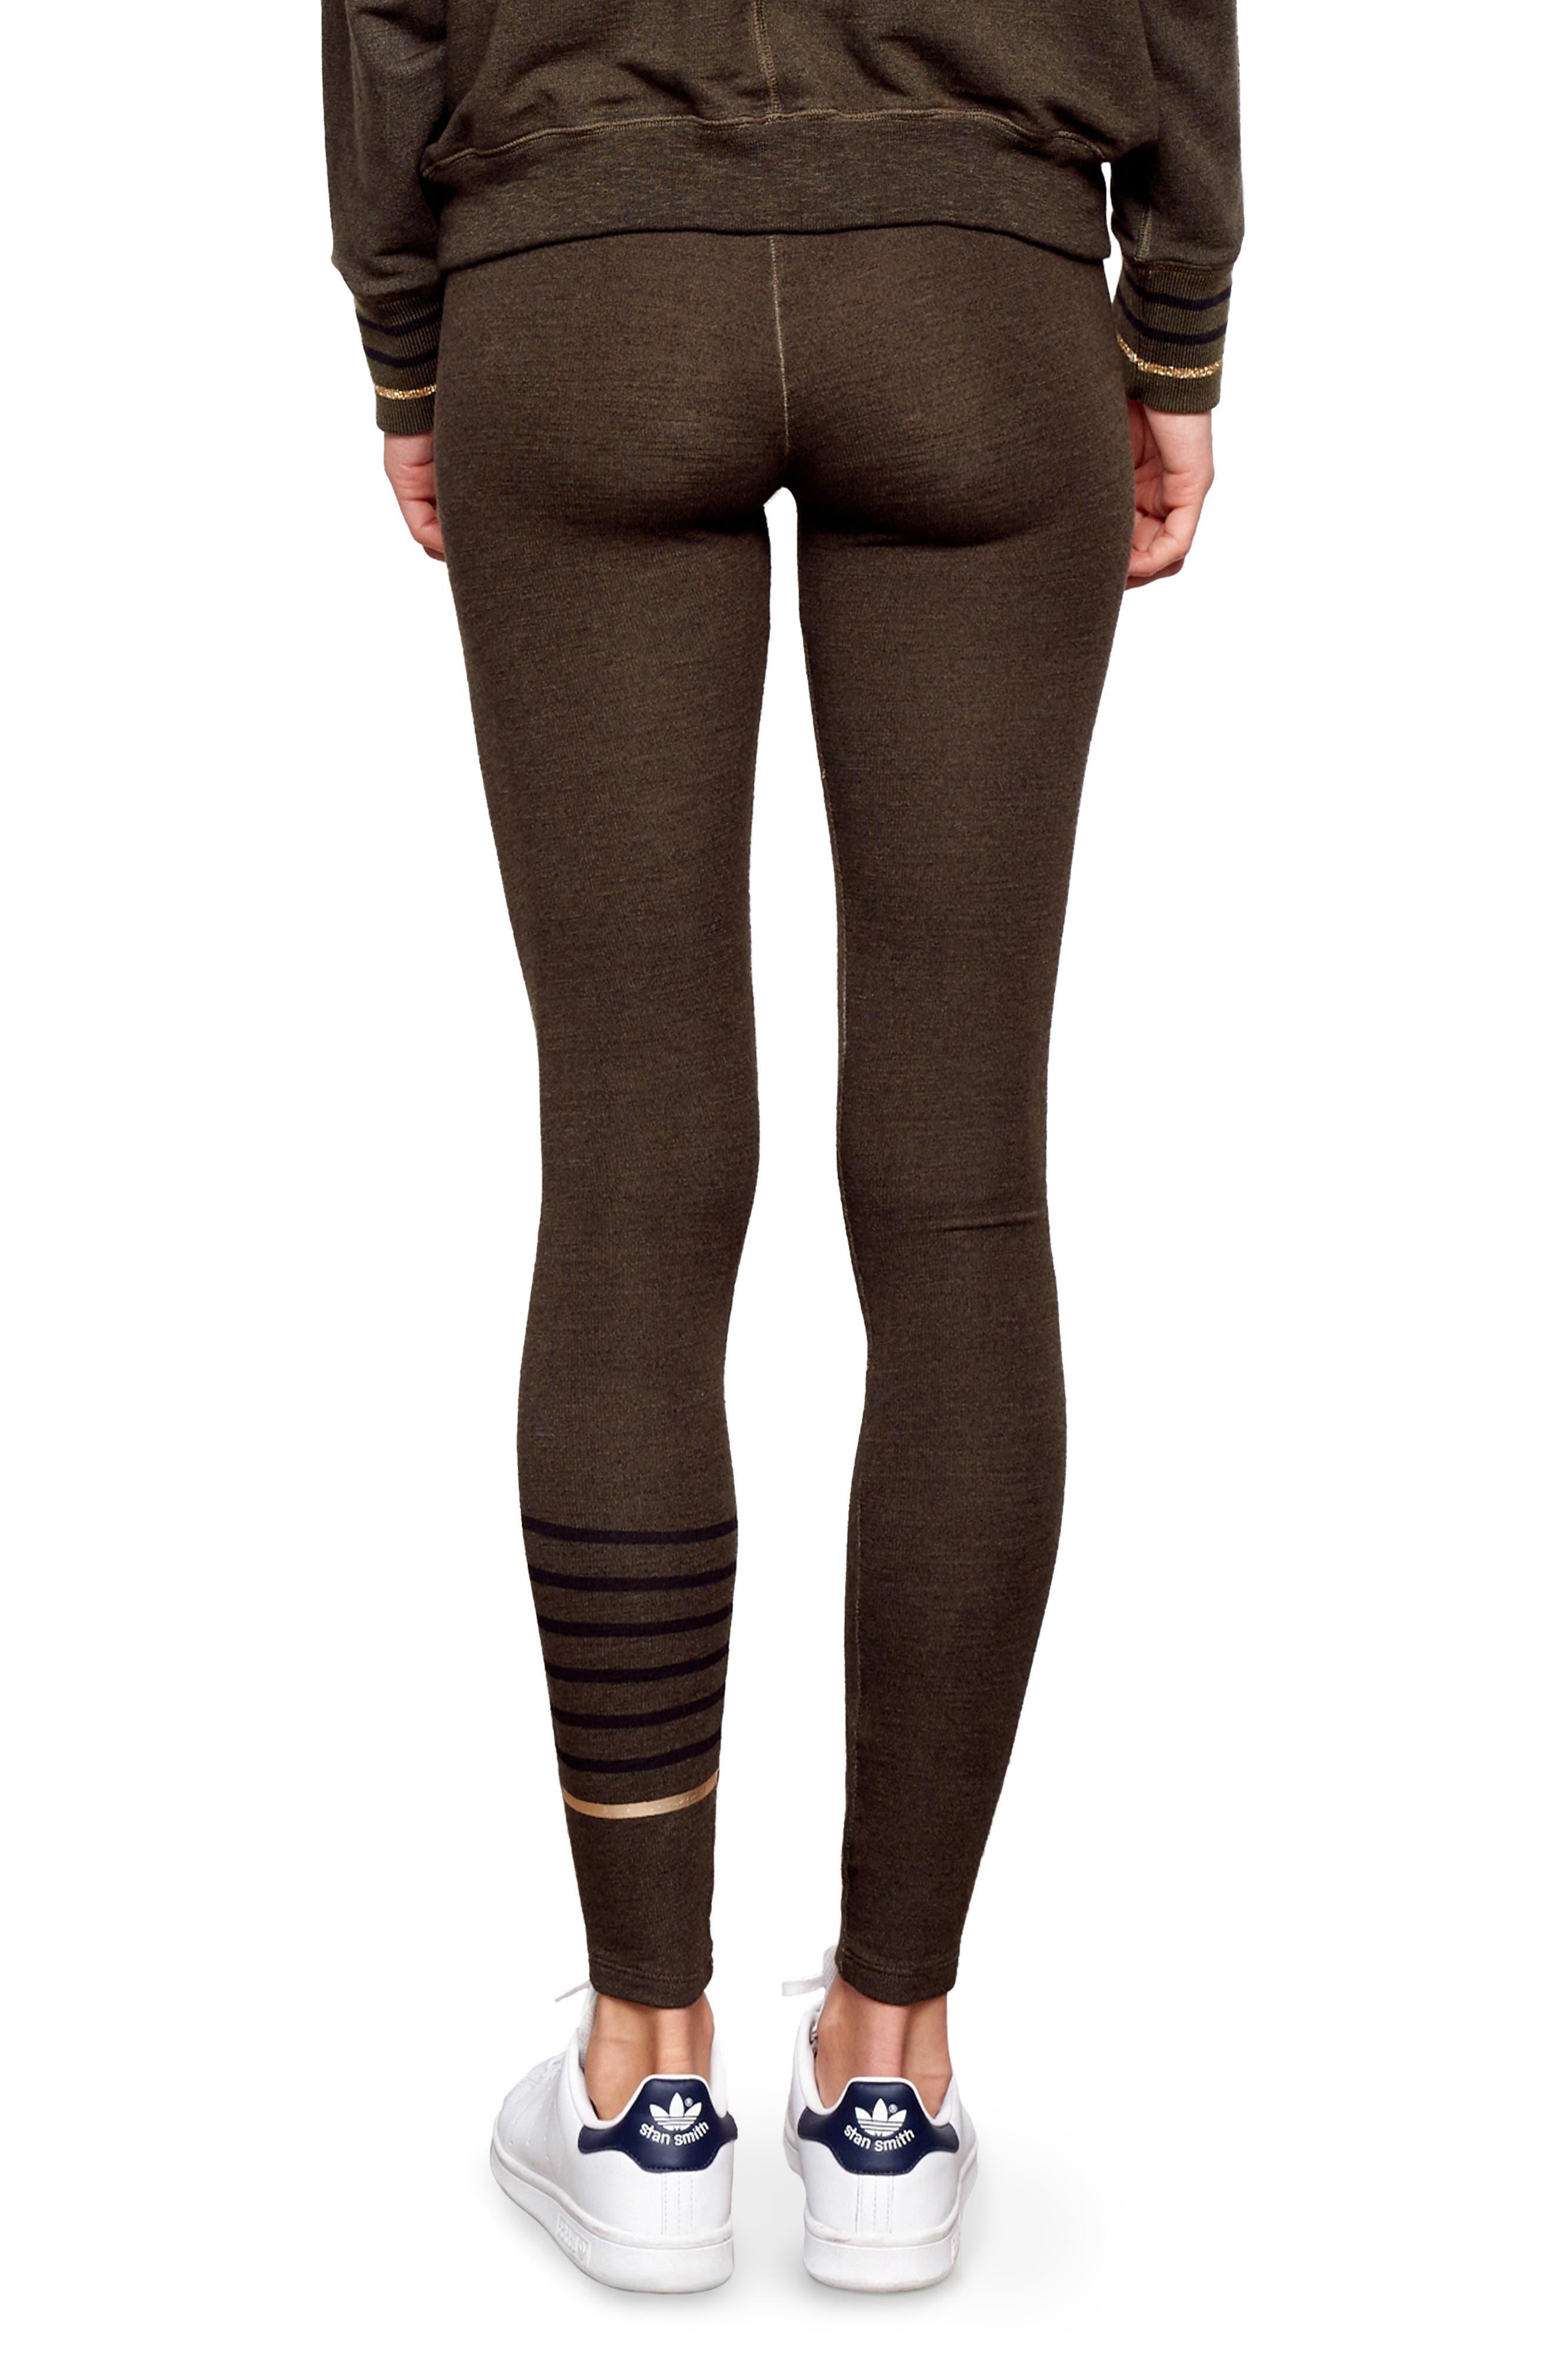 Stripe Yoga Pants,                             Alternate thumbnail 2, color,                             301